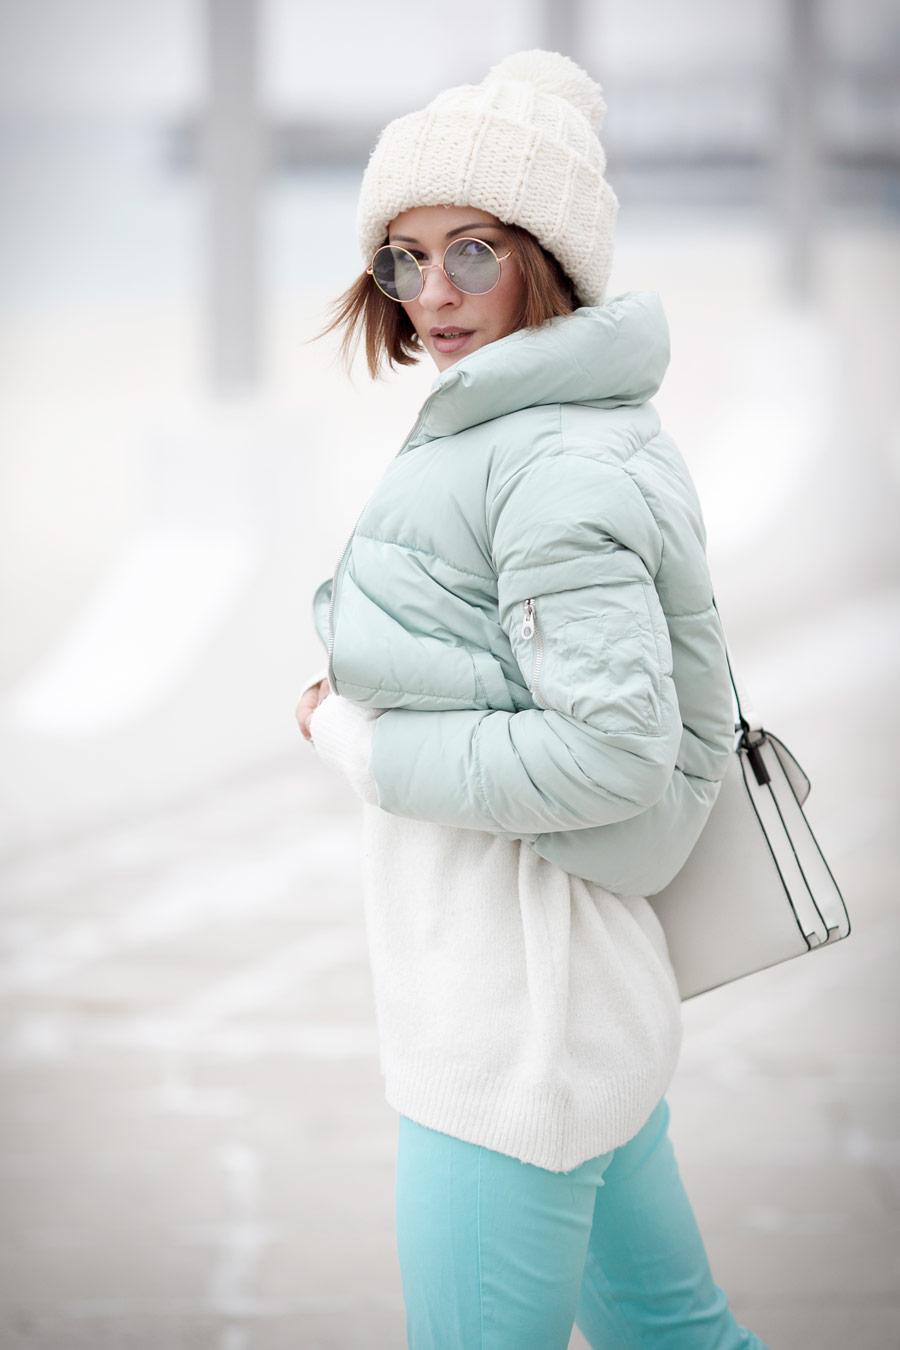 пуховик образы, луки с пуховиком, зимние луки, образы на холодную погоду,